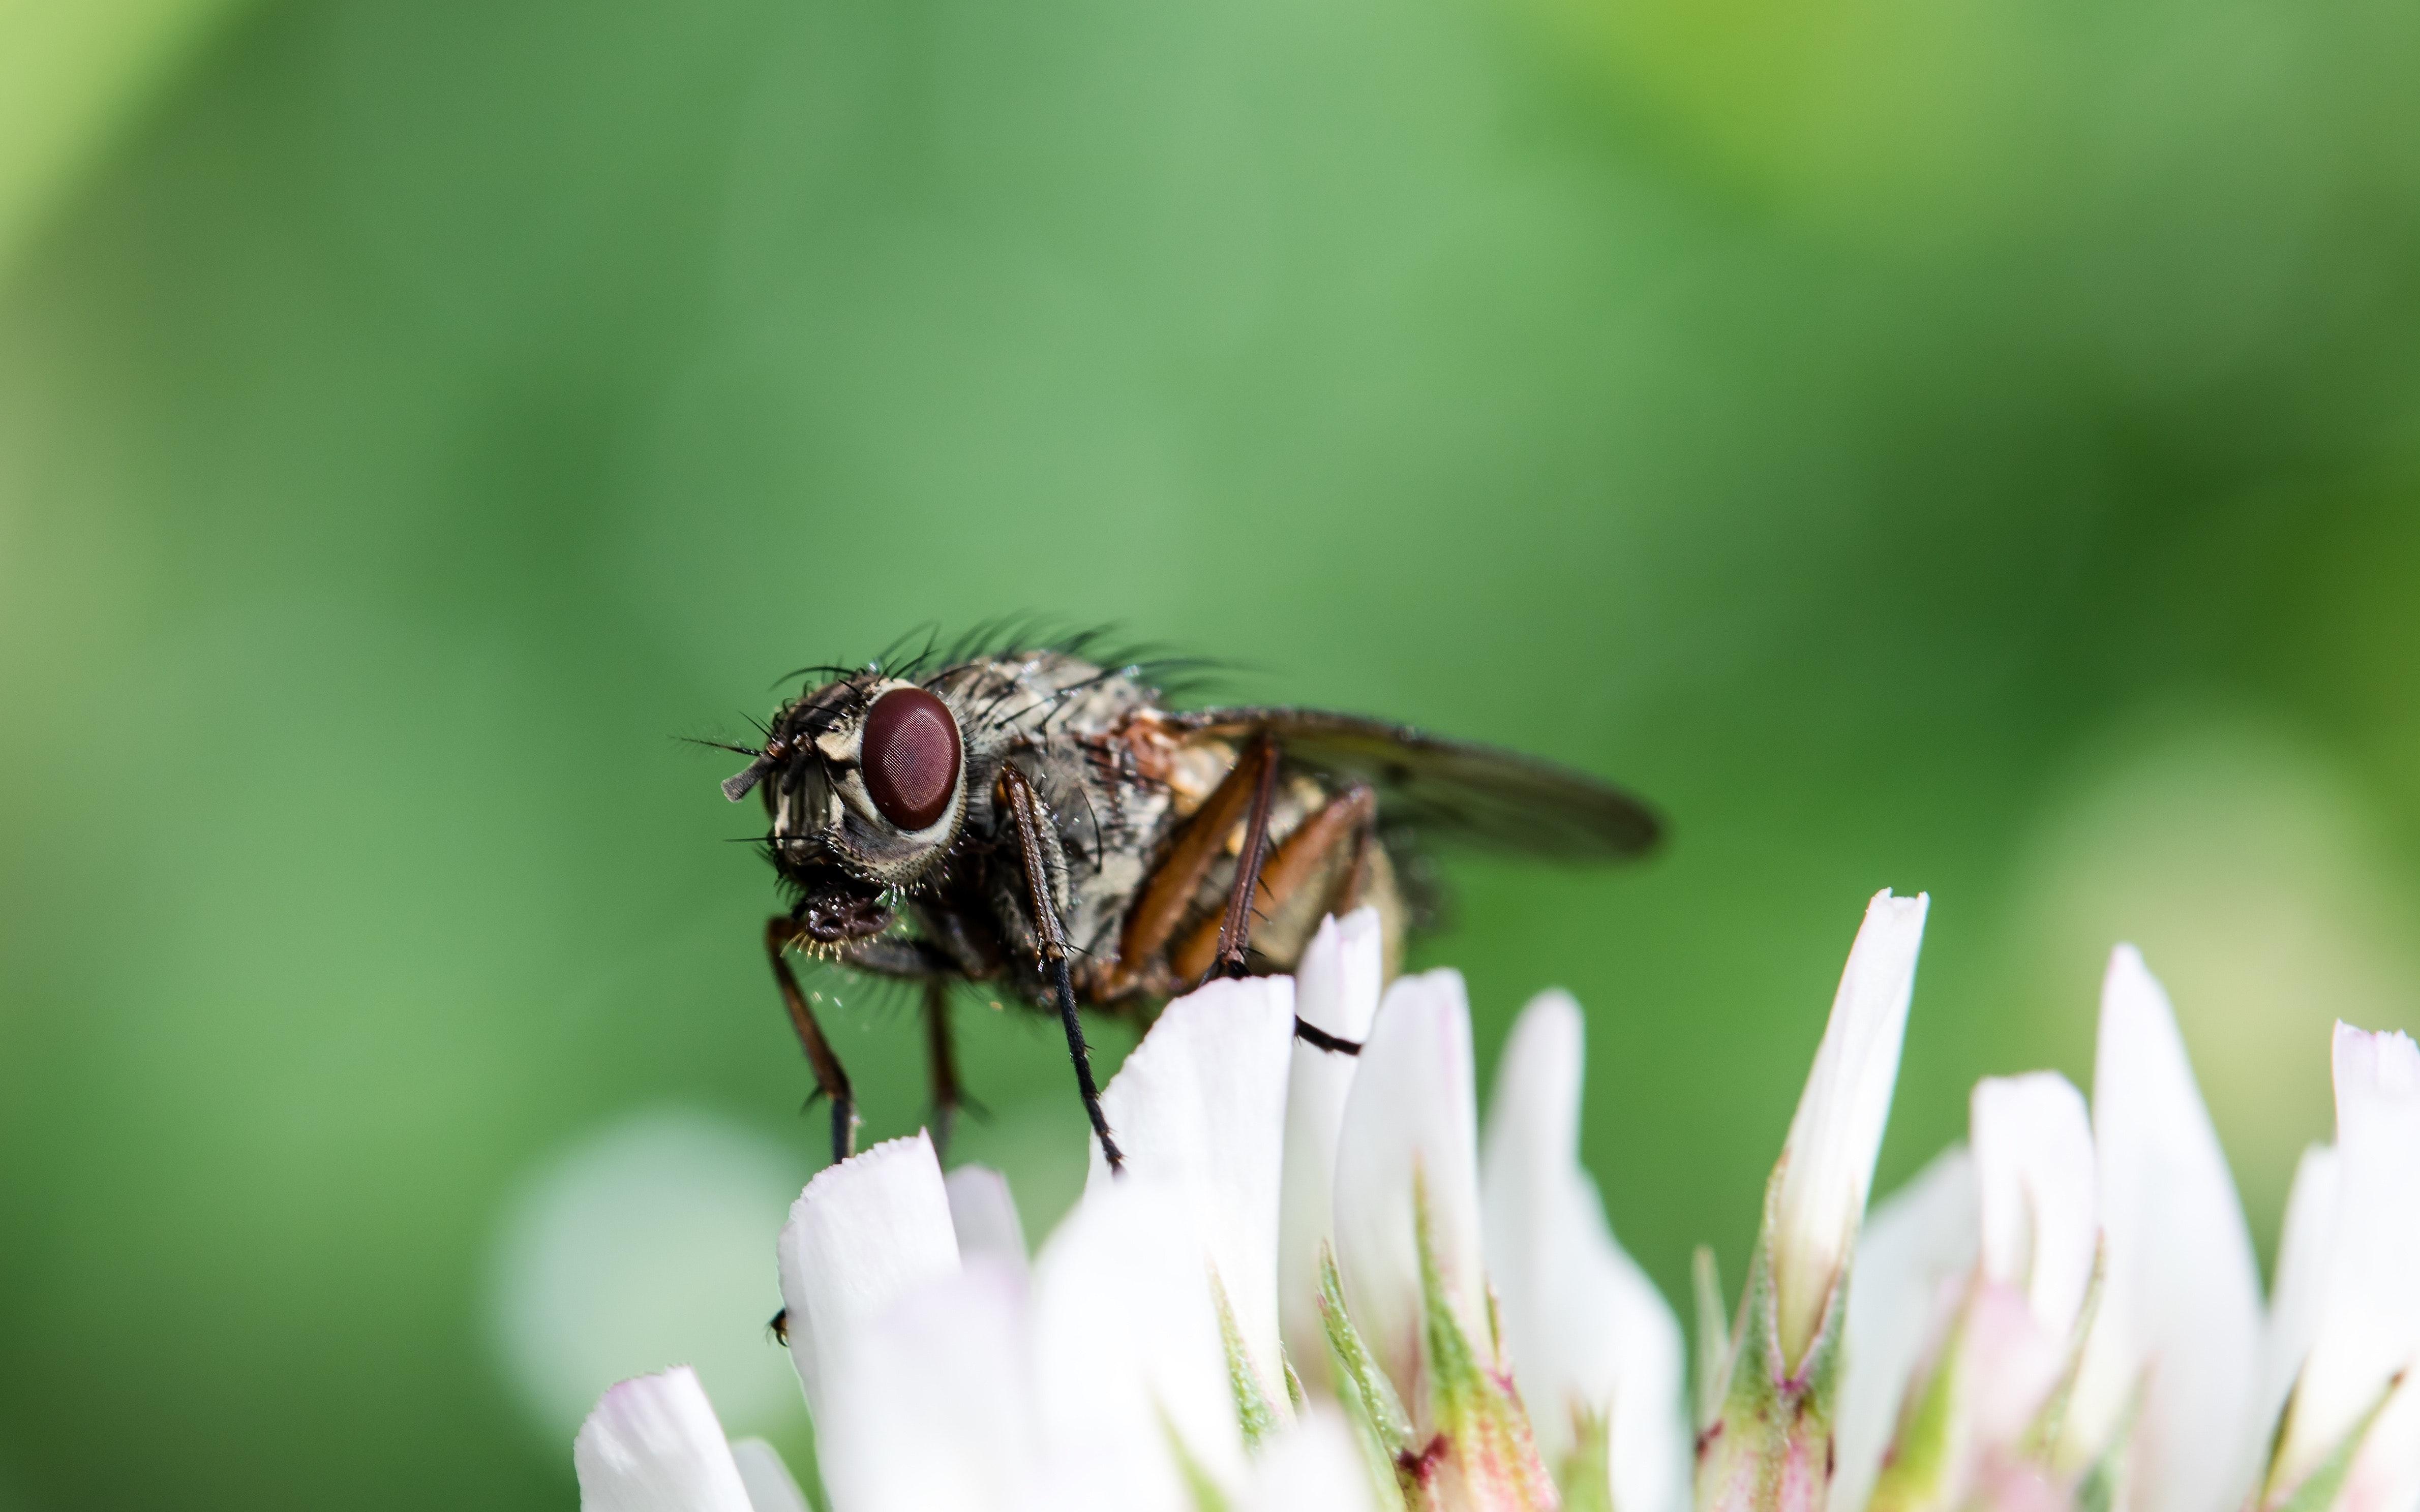 Обнаружена древняя муха-опылитель, которая притворялась осой